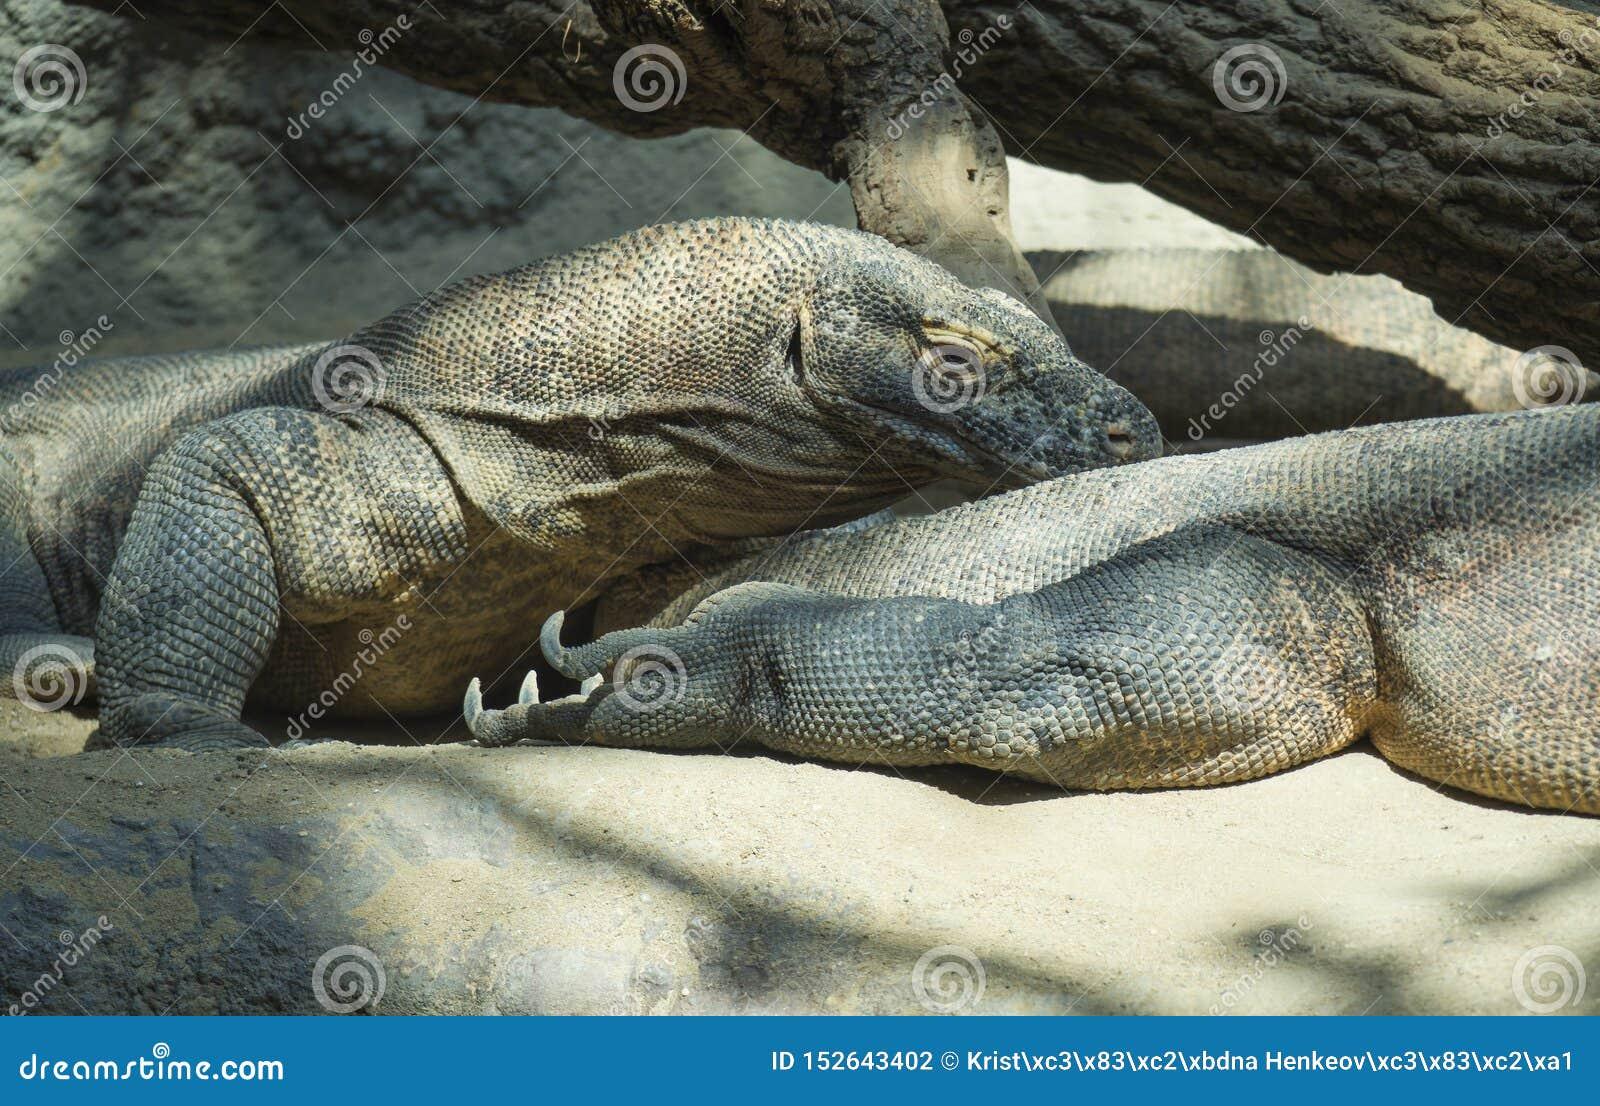 Sluit omhoog portret van Komodo-Draak het liggende anf rusten Varanuskomodoensis als de Komodo-monitor ook wordt bekend die, is g